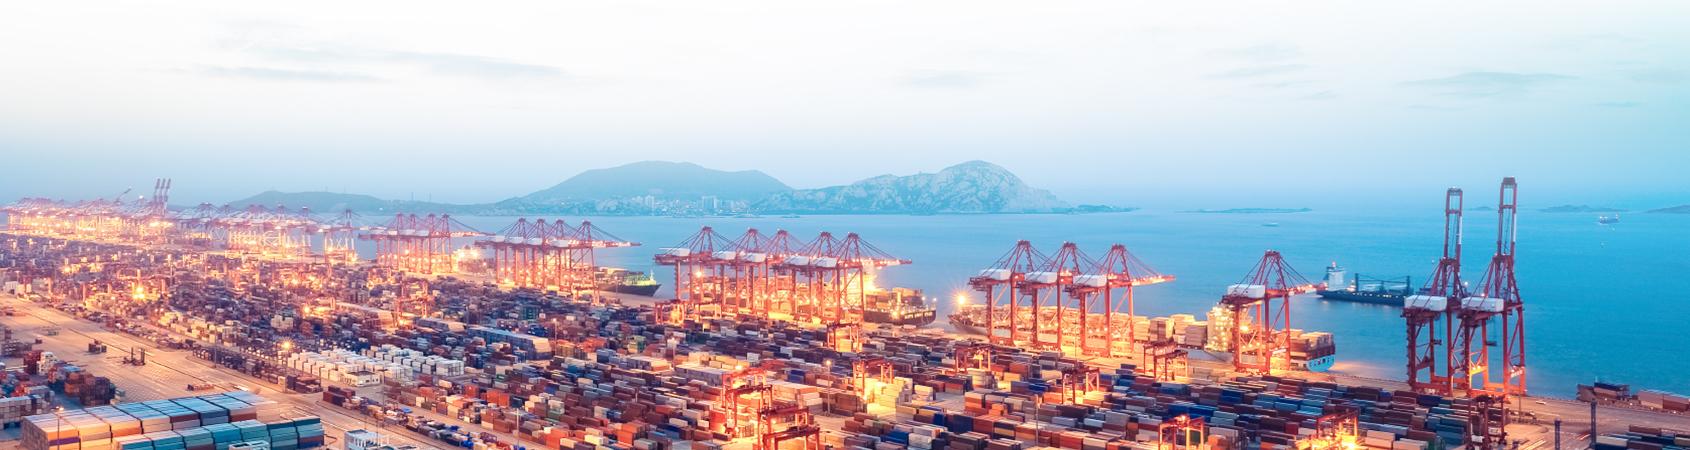 about multimodal track analyse optimise data logistics ubidata